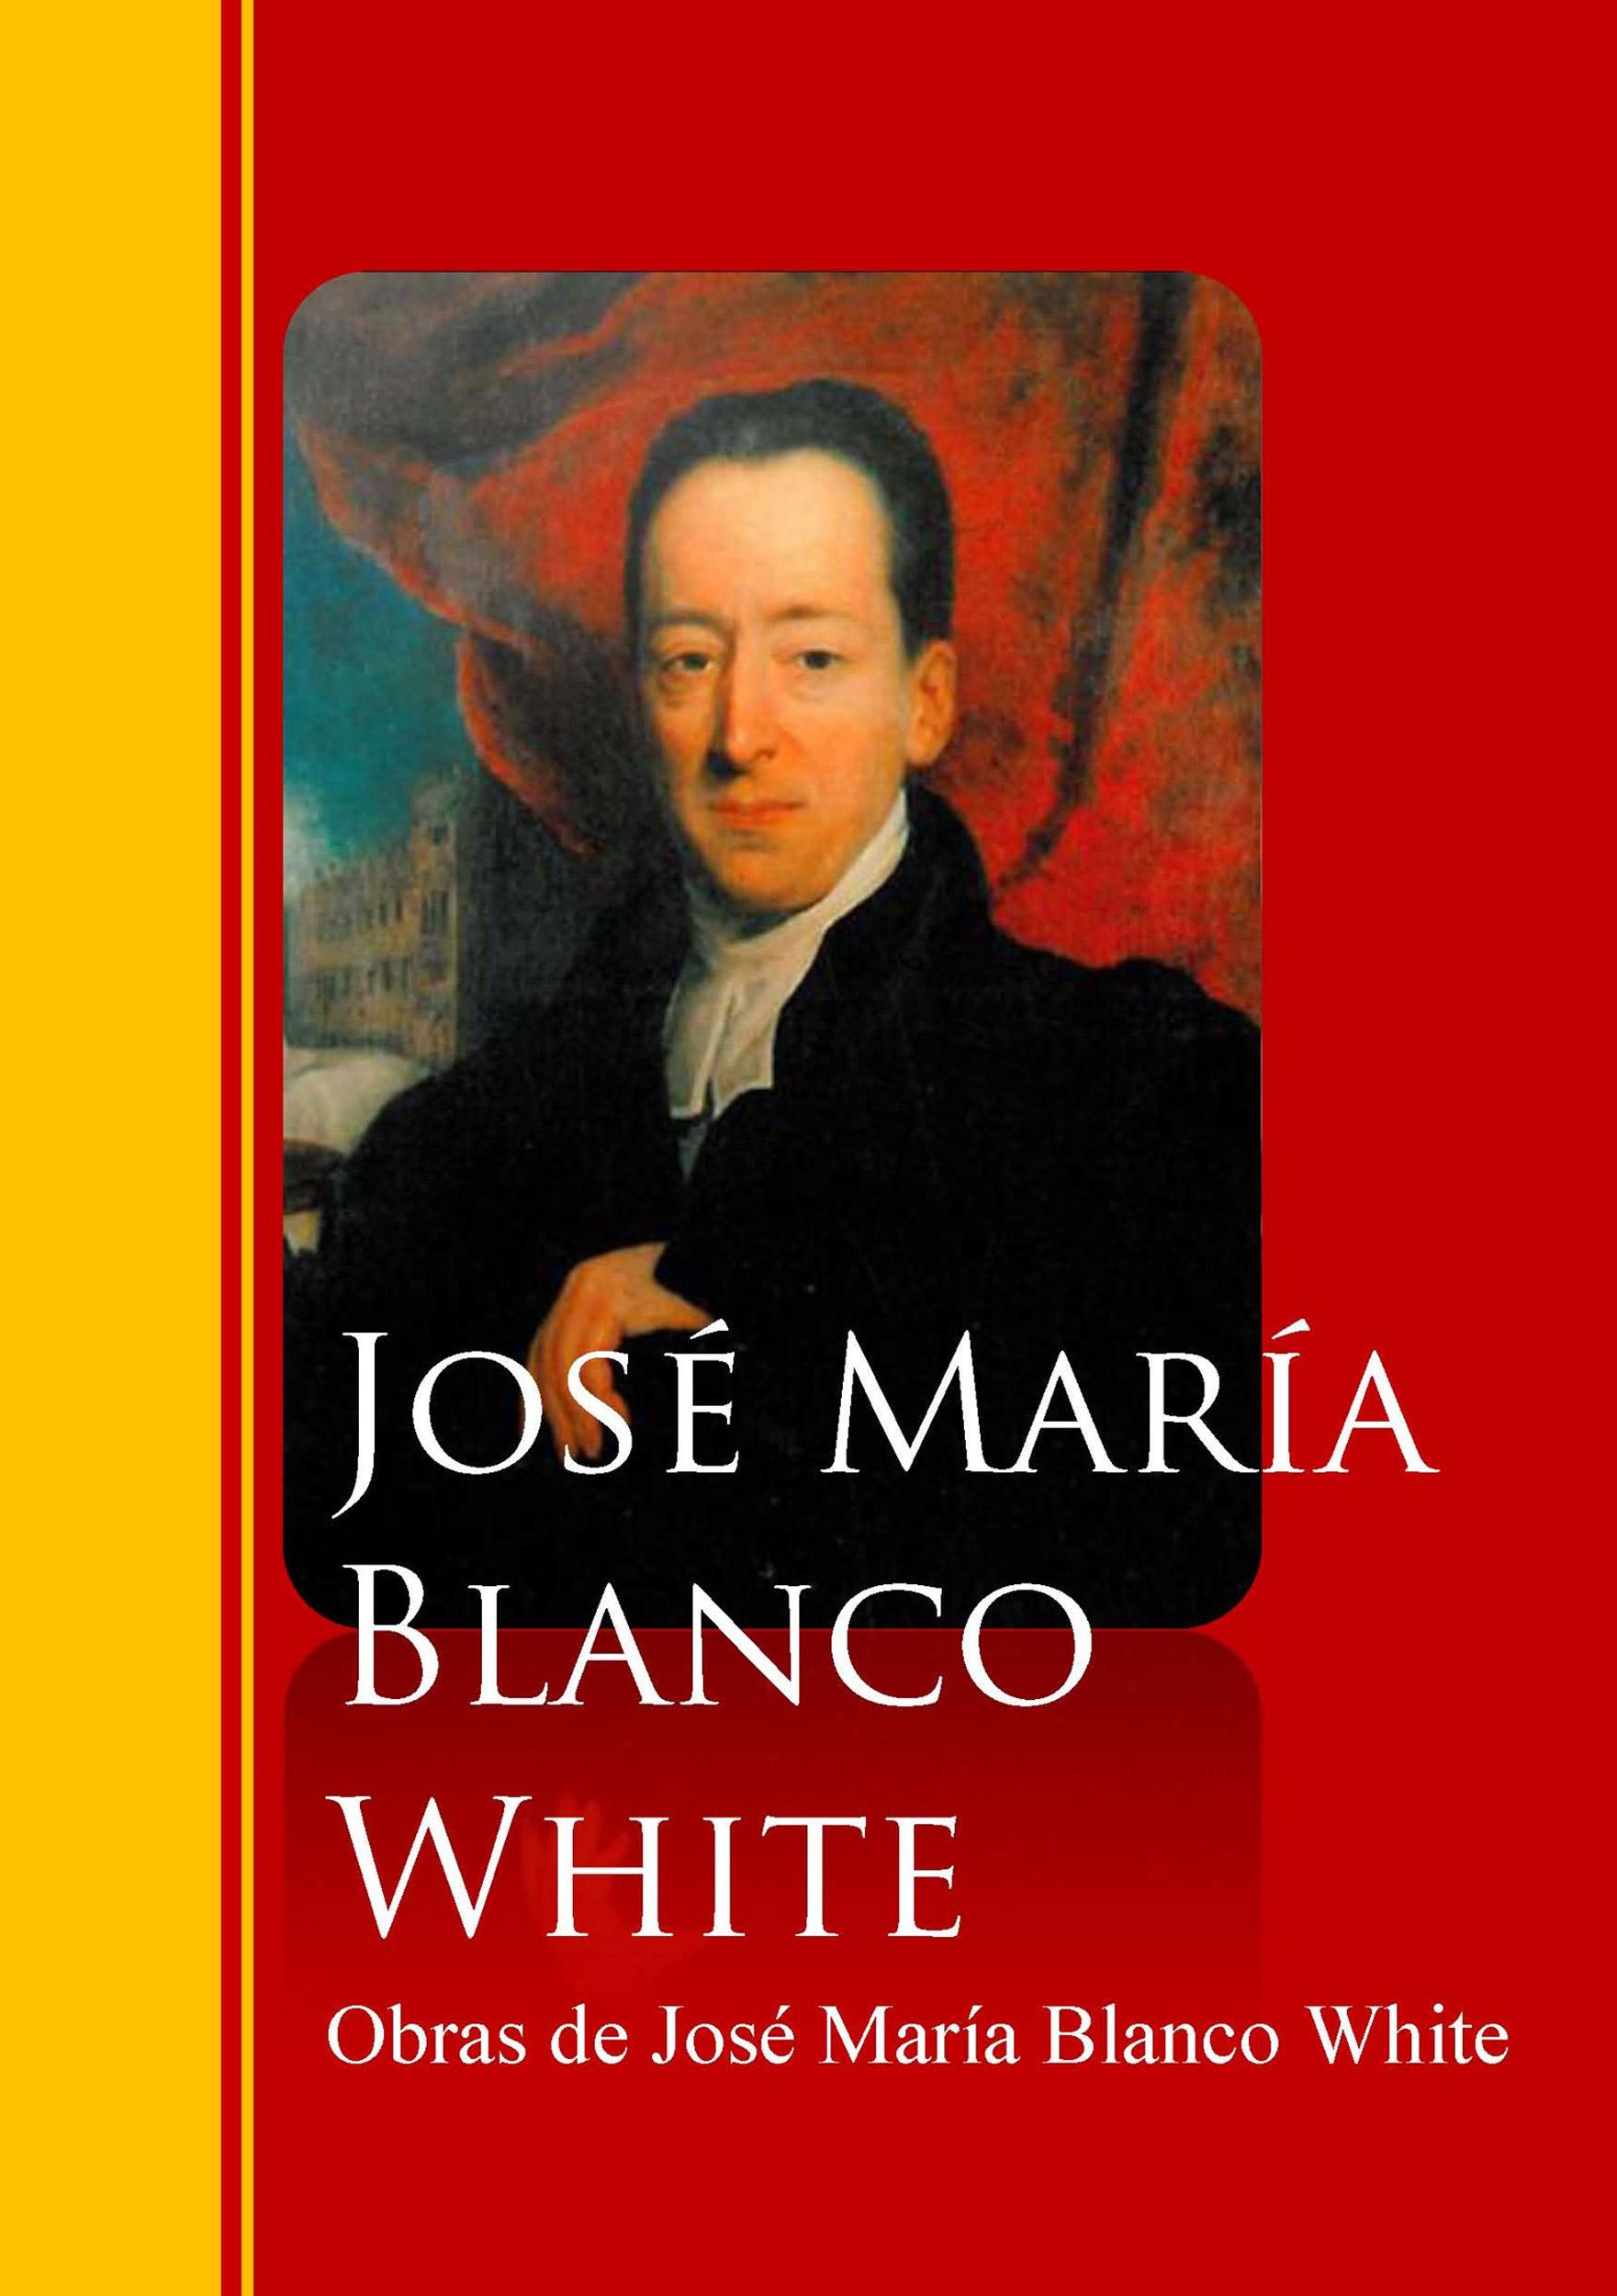 Jose Maria Blanco White Obras de José María Blanco White alzugaray pilar barrios maria jose bartolome paz preparacion dele b2 libro codigo